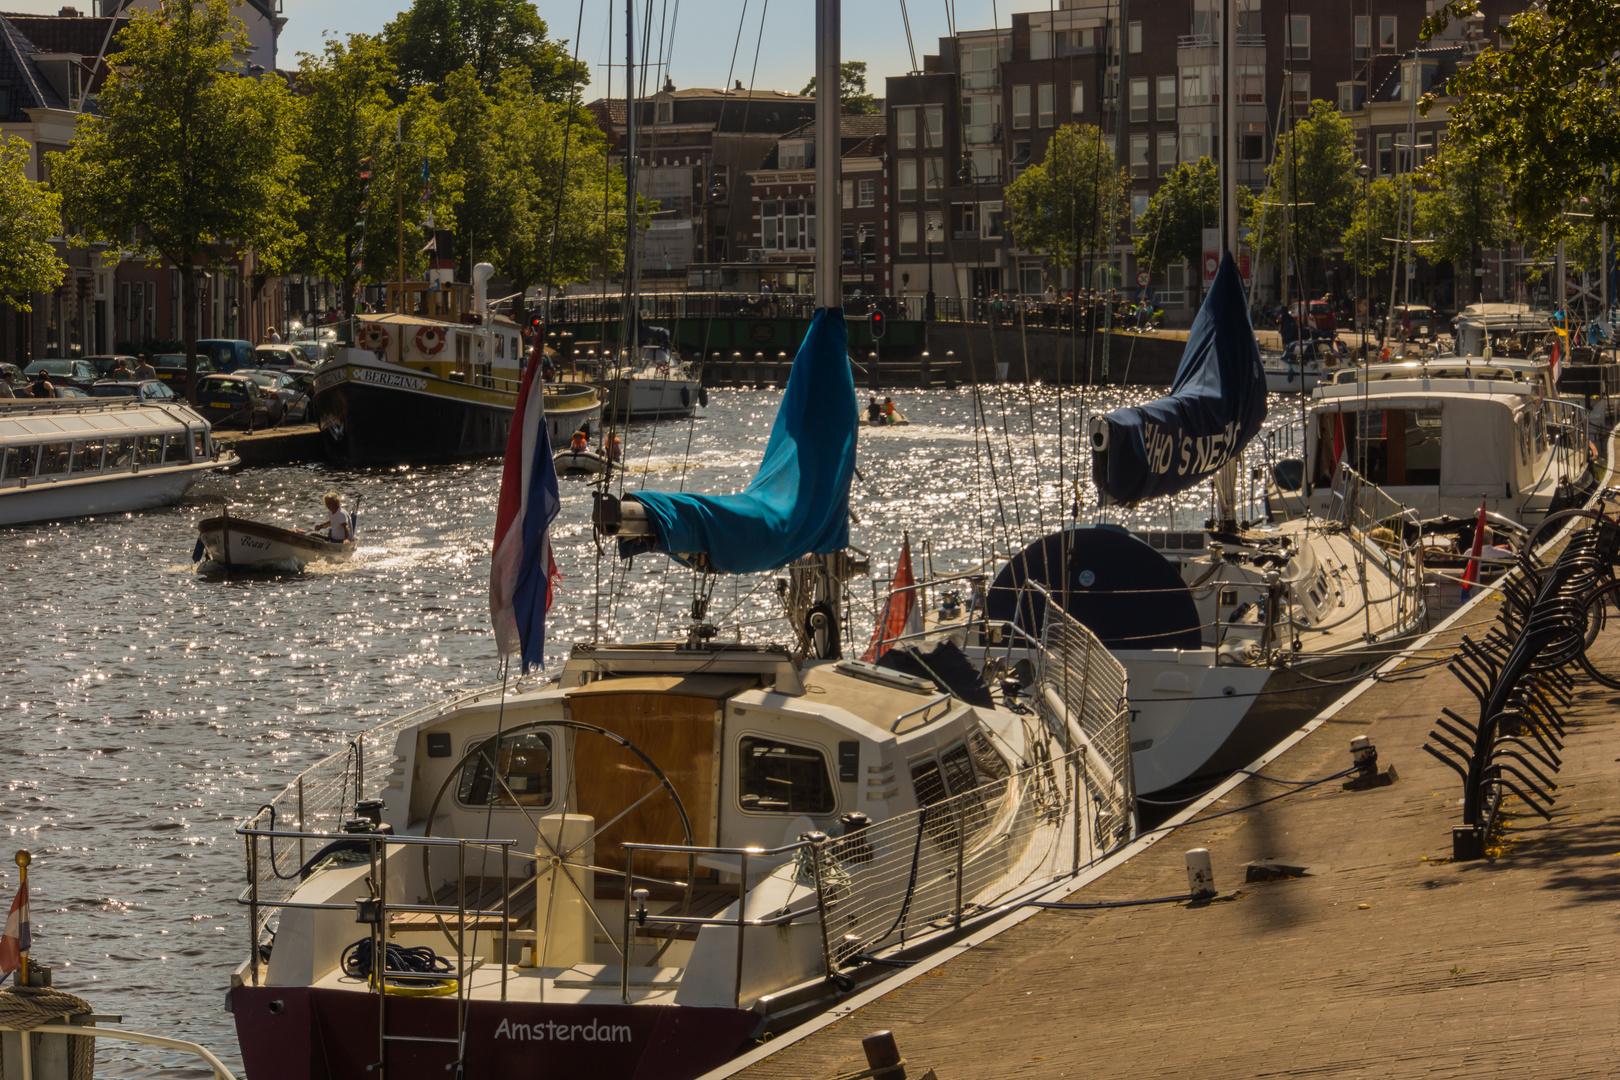 Grachtenansicht III - Haarlem/Niederlande